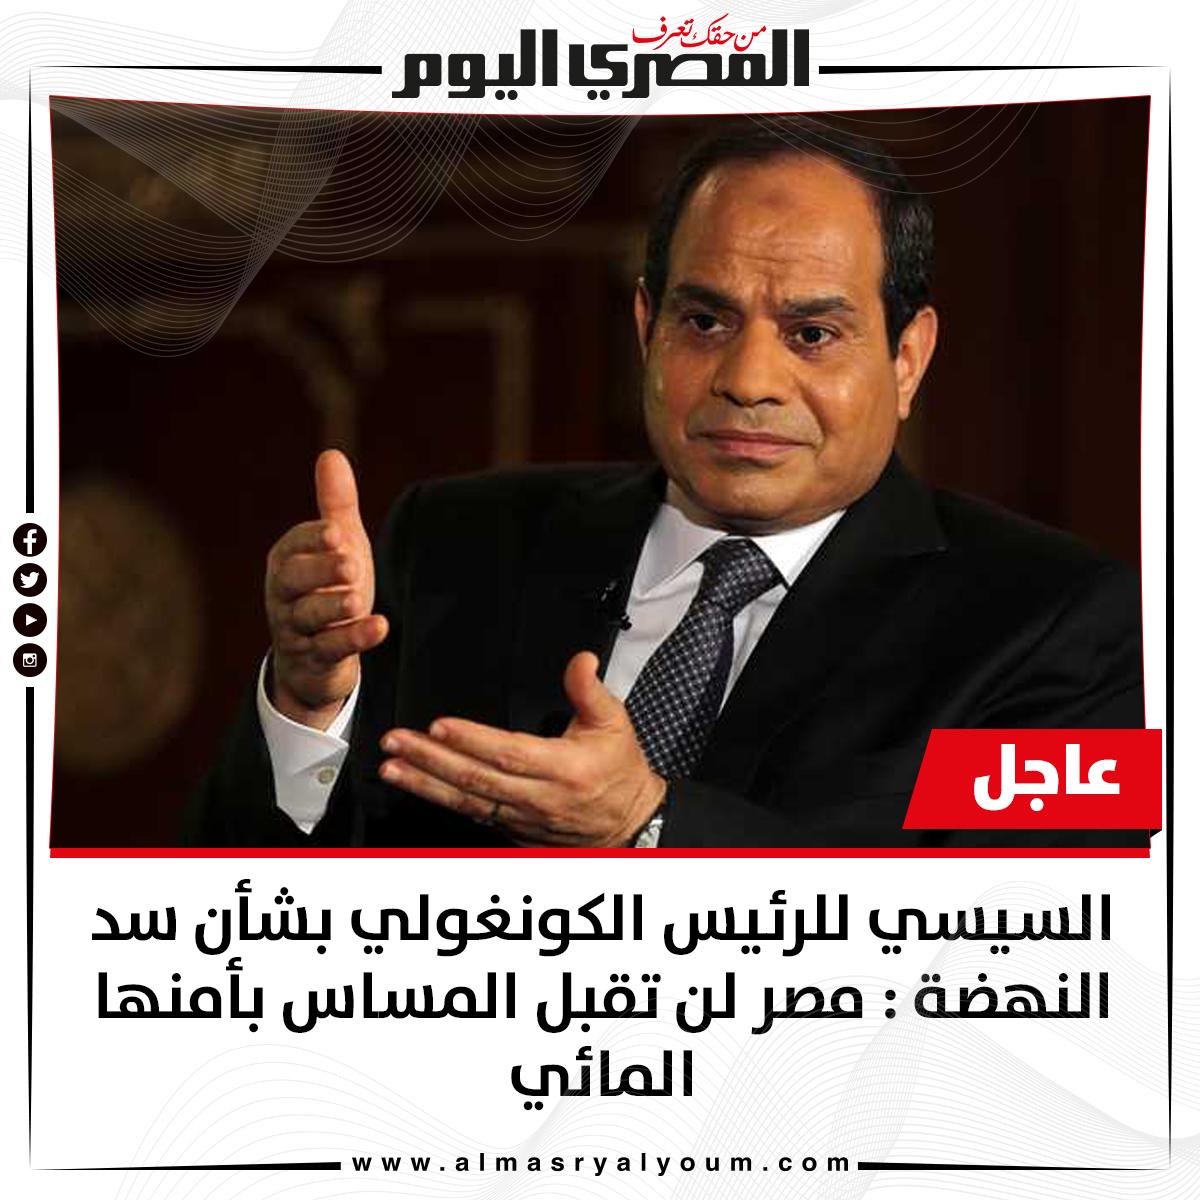 🛑 عاجل السيسي للرئيس الكونغولي بشأن سد النهضة مصر لن تقبل المساس بأمنها المائي